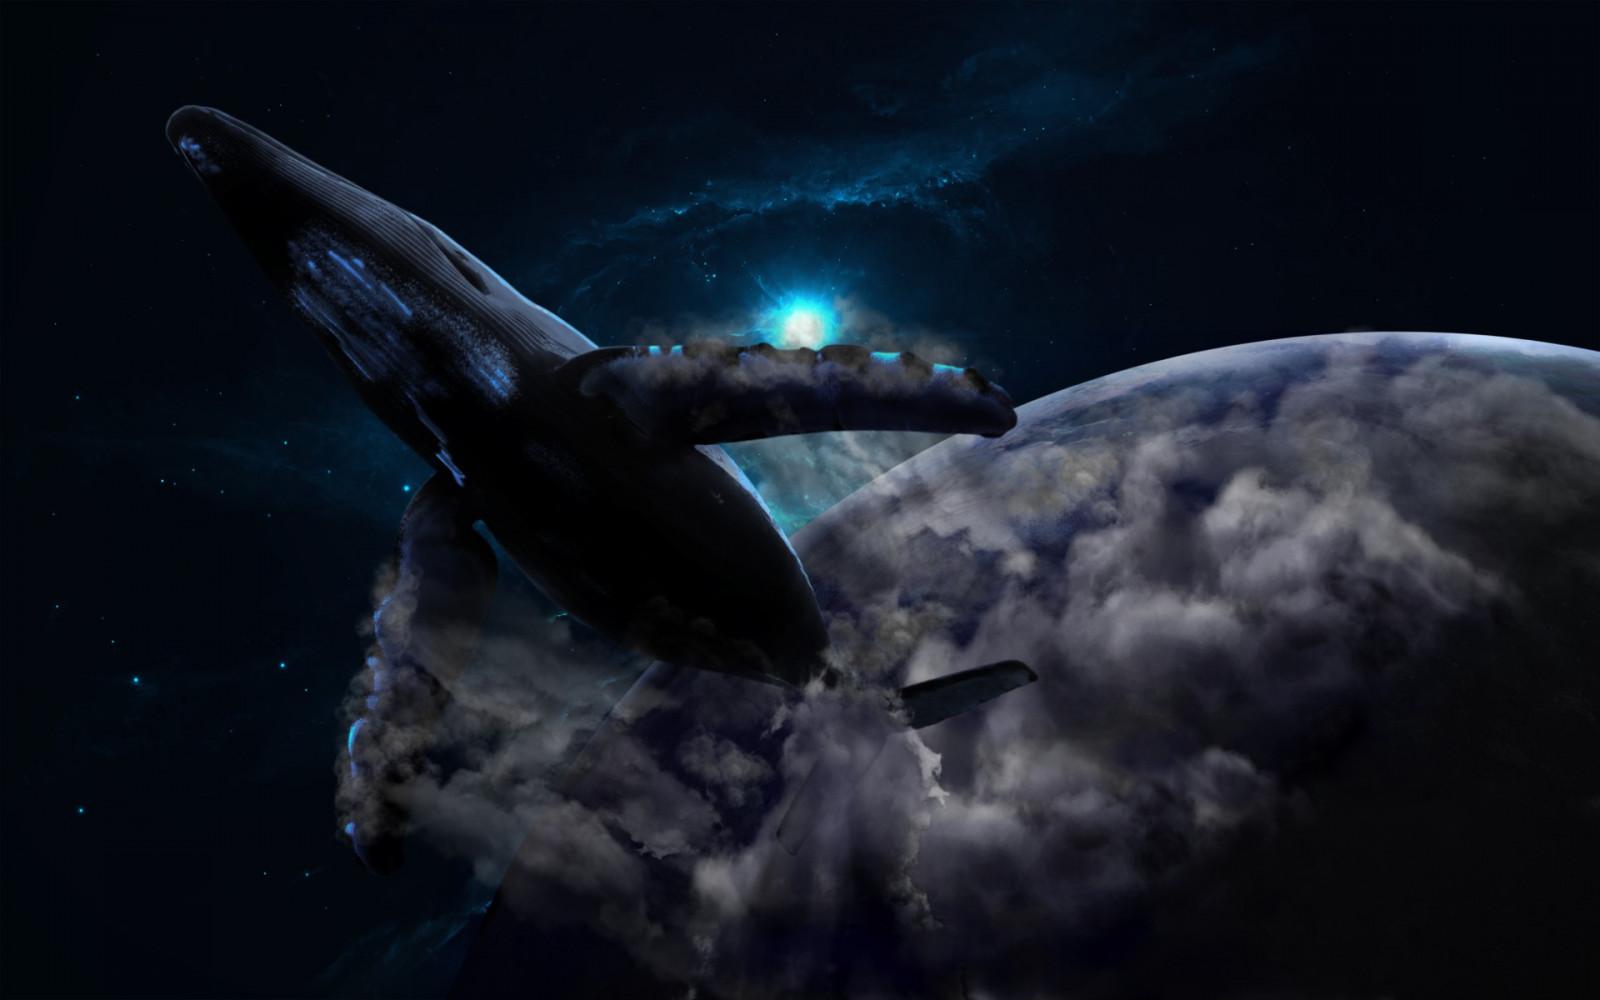 тогда пришелся космос и киты картинки на рабочий стол менее этот